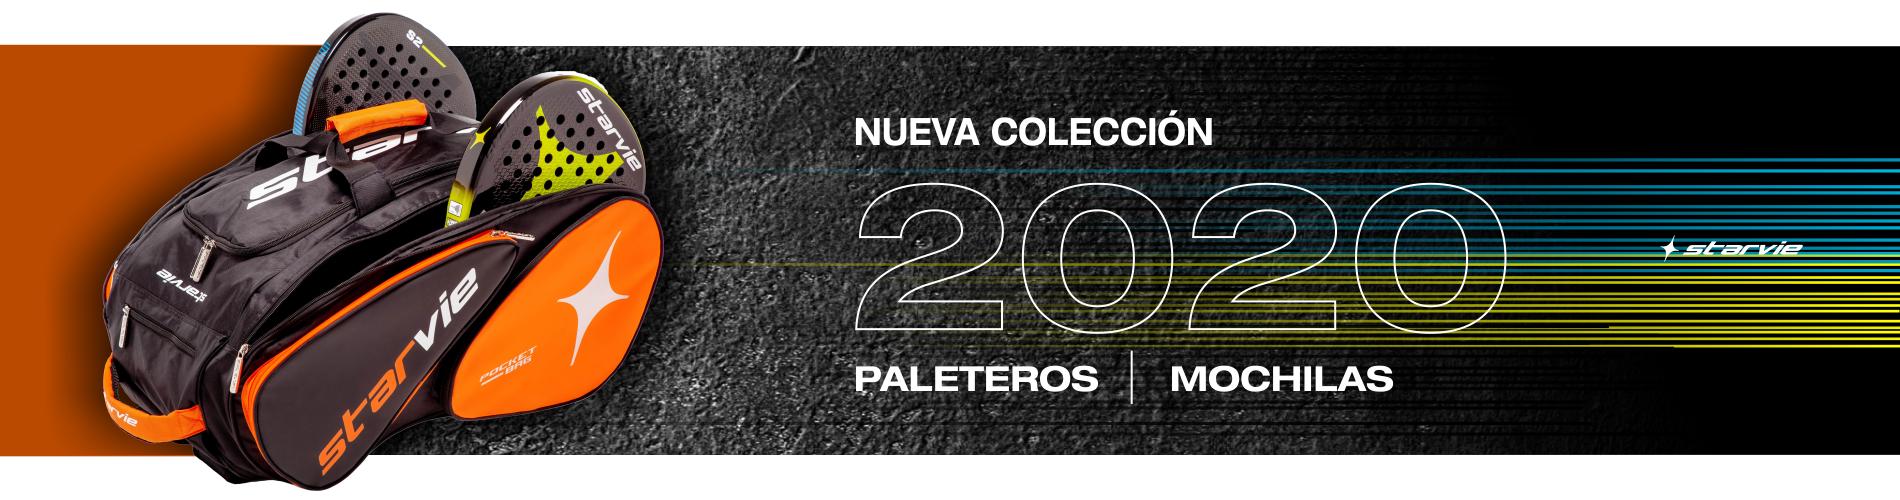 Bolsas, Paleteros y Mochilas Coleccion 2020 StarVie